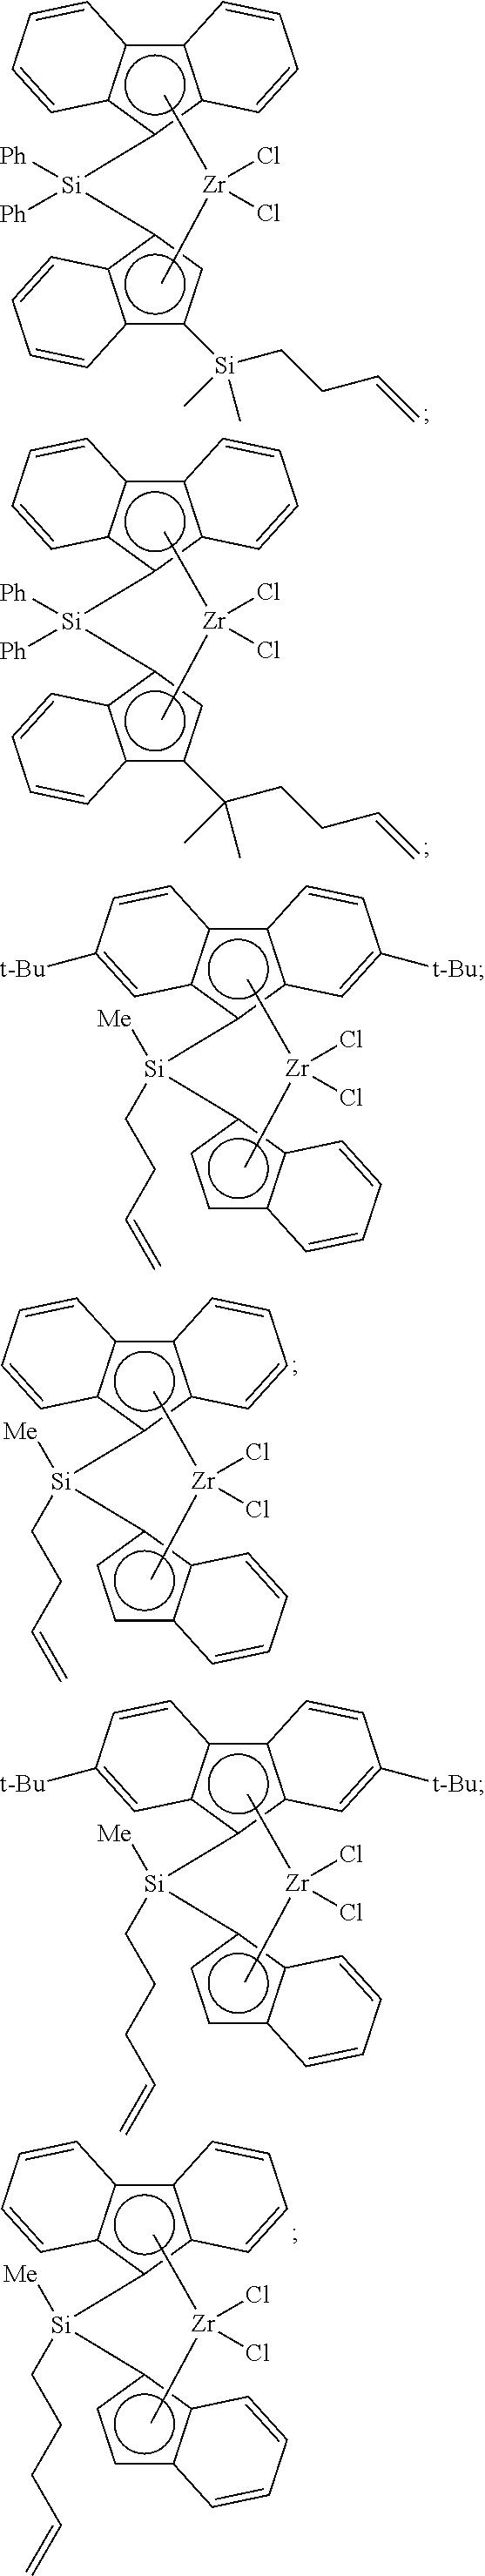 Figure US08288487-20121016-C00034